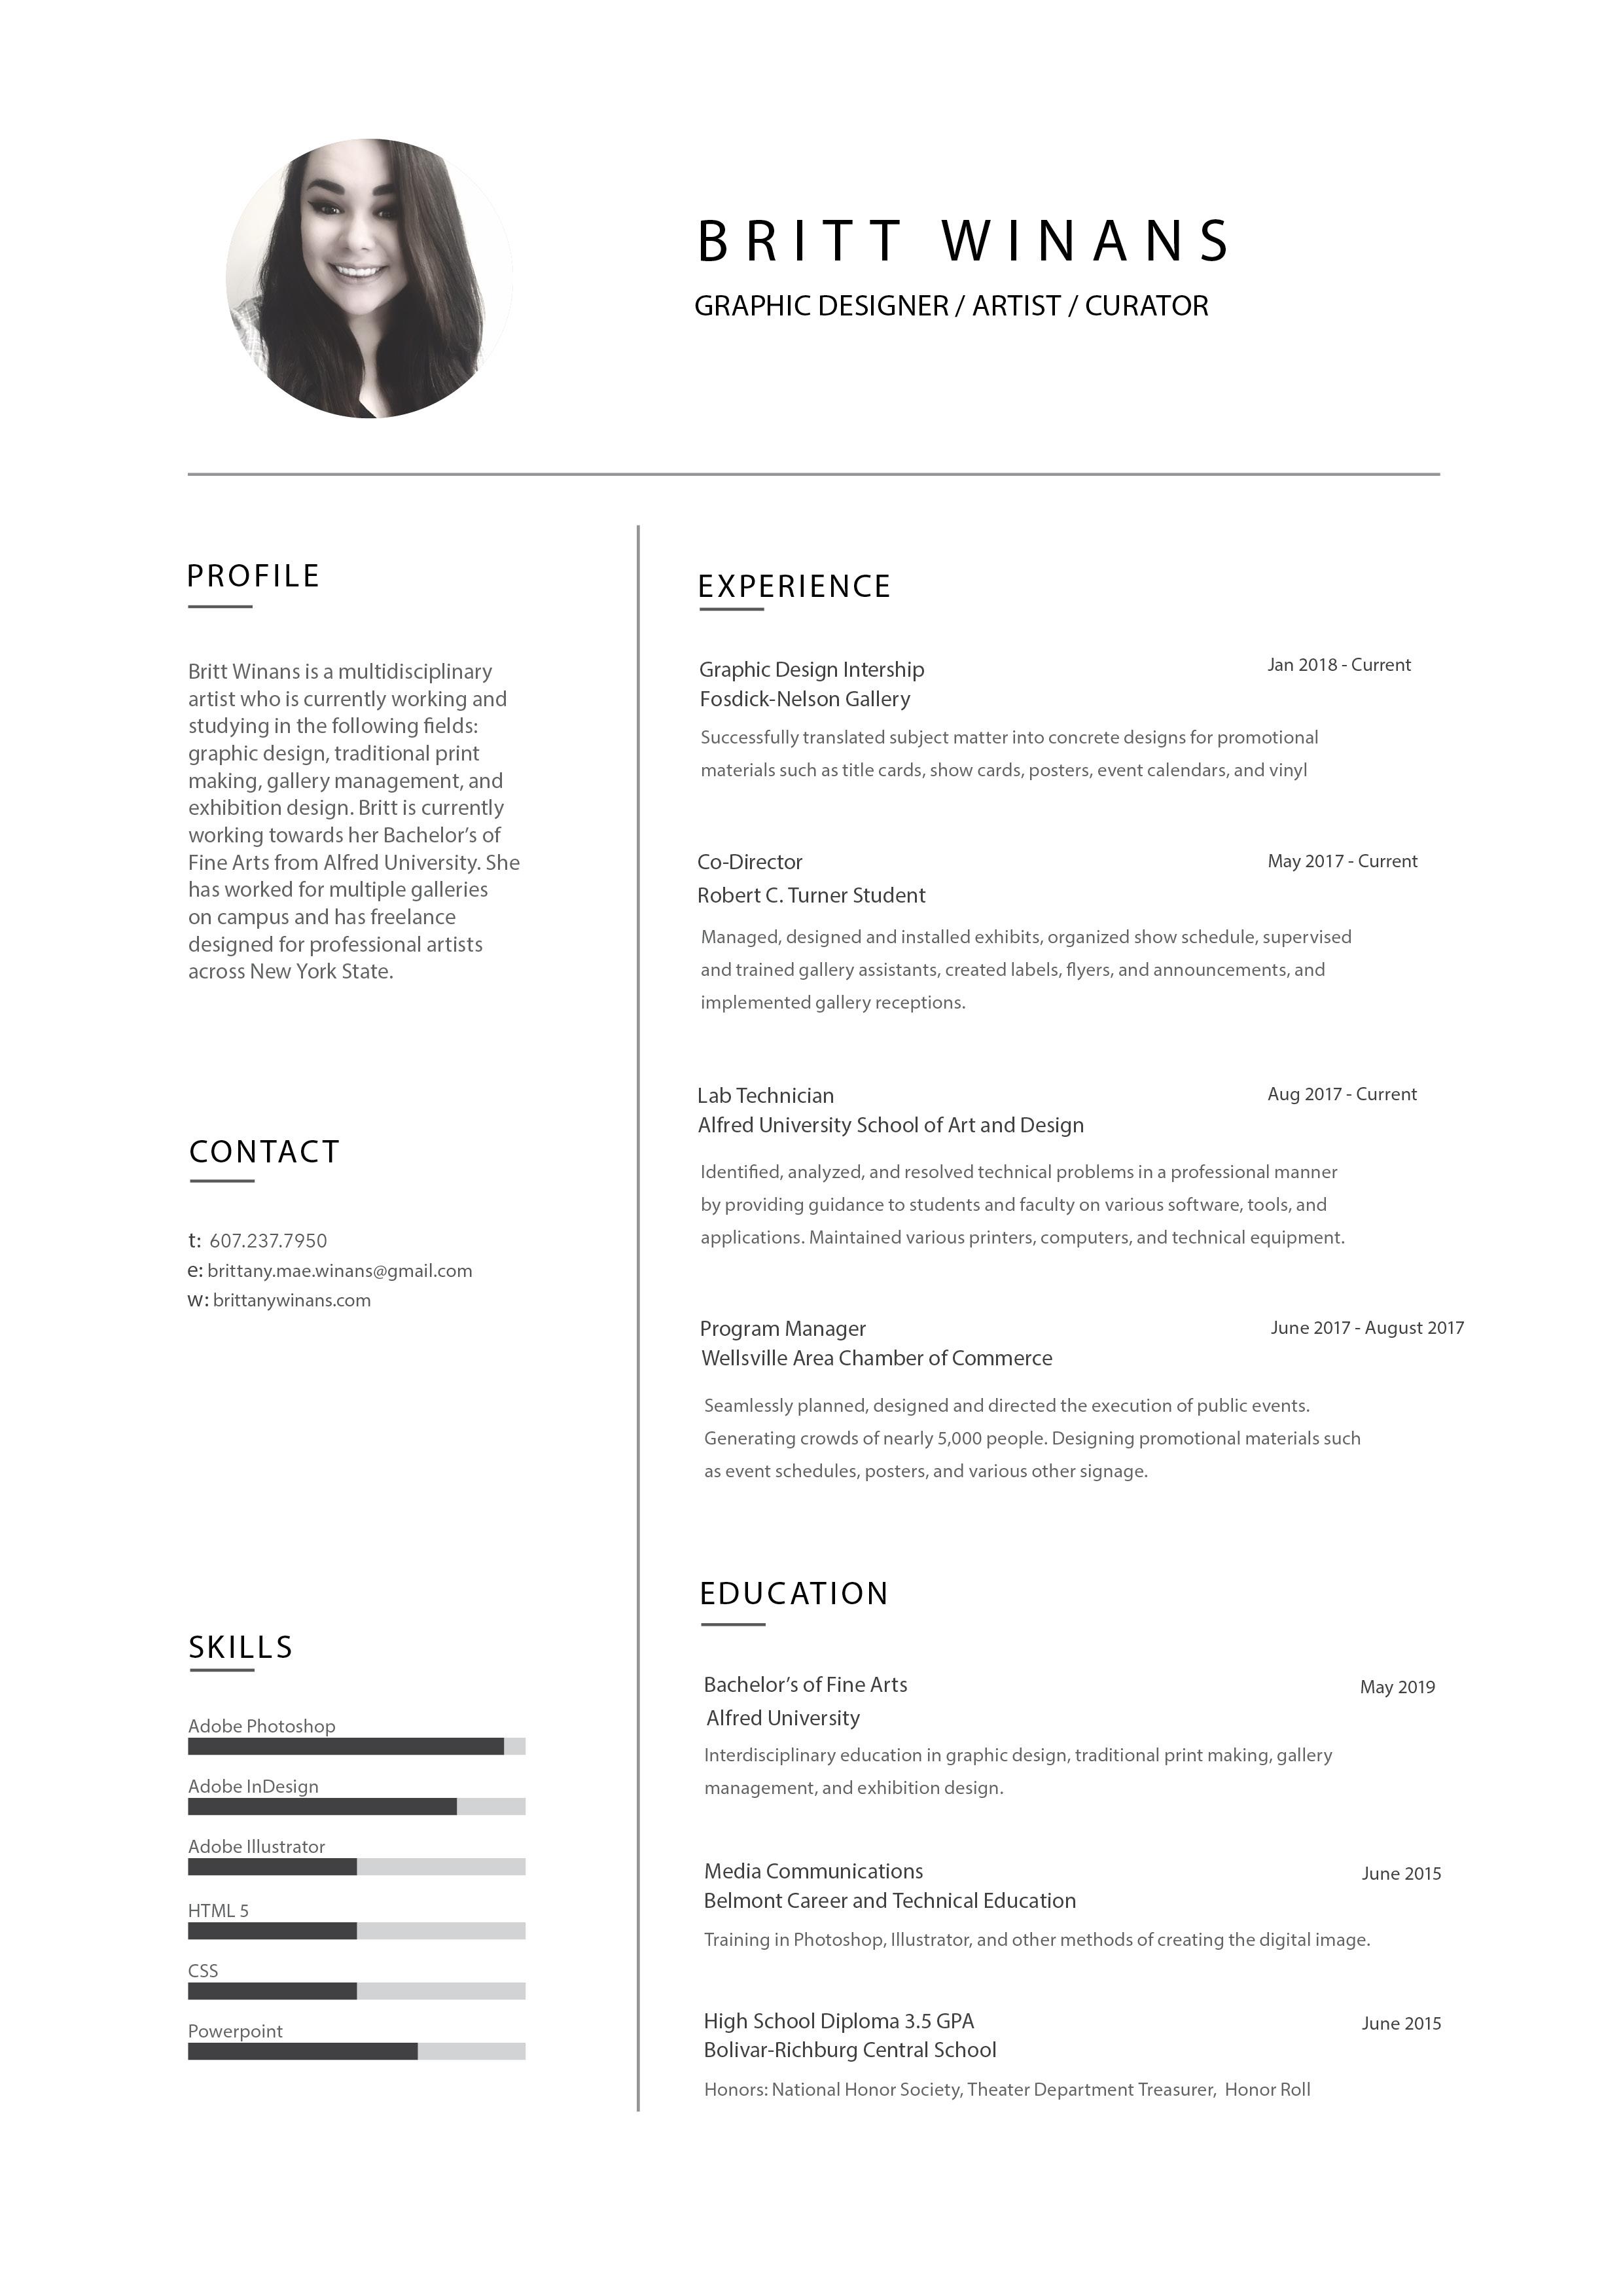 resume_brittanywinans.jpg